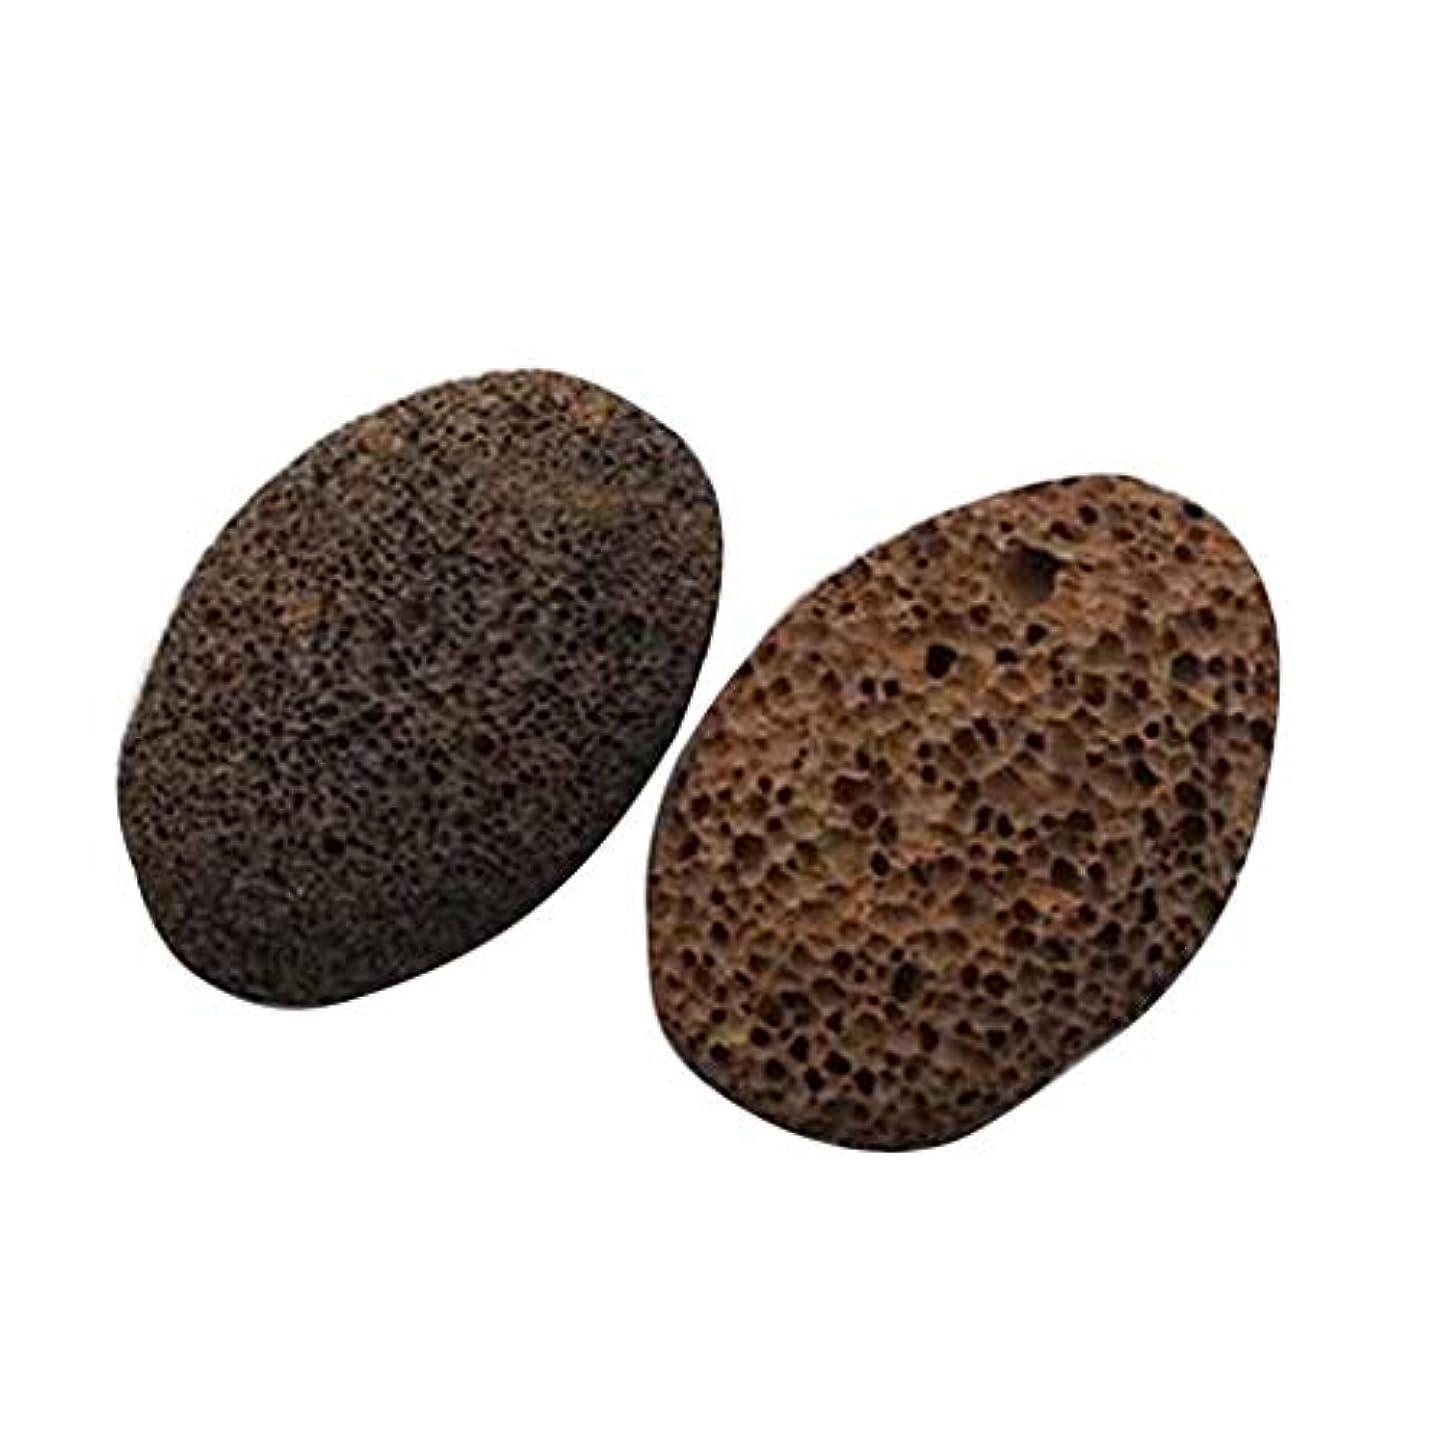 ダイヤルトラフ瞑想するNerhaily 死んだ皮軽石を取り除き 足石を挽いて 自然の火山石を剥がします 足マッサージ石 ワイプ足石 2個セット